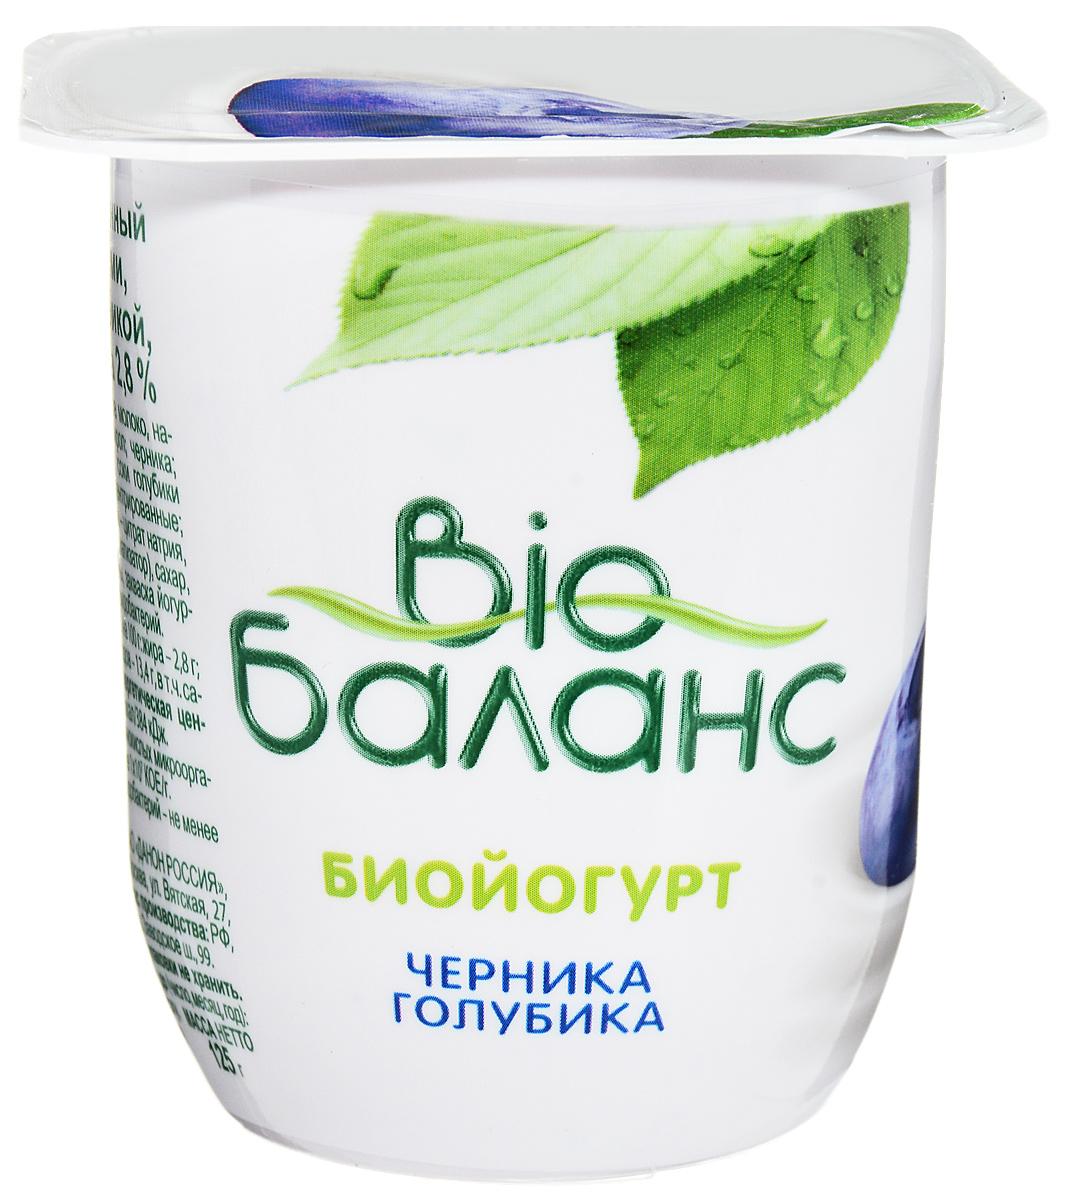 Био-Баланс Биойогурт густой обогащенный Черника голубика 2,8%, 125 г био баланс биойогурт злаки 1 5% 330 г